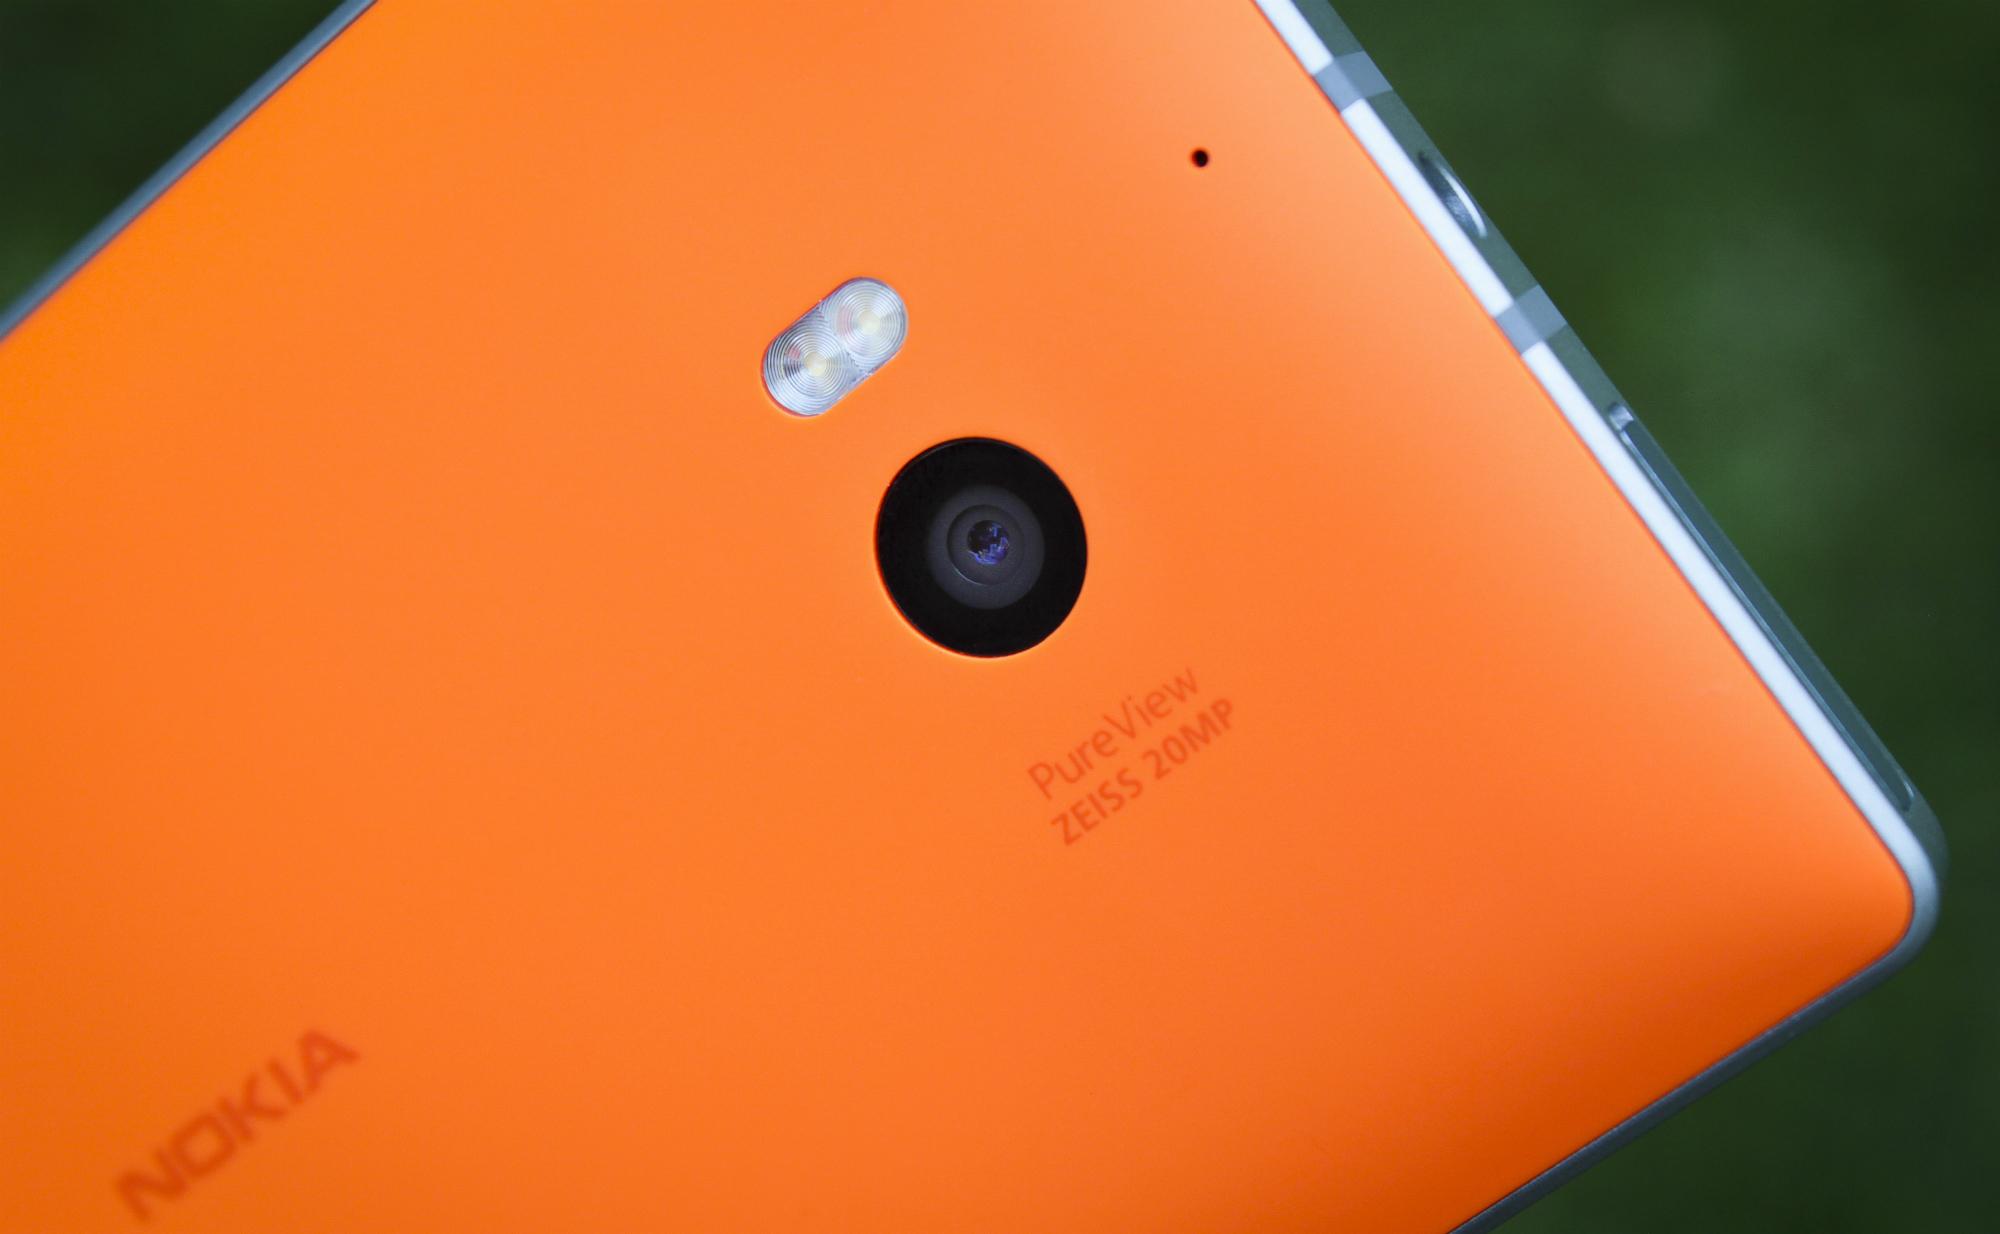 Un sensor de 20 megapíxeles incluye el Lumia 930